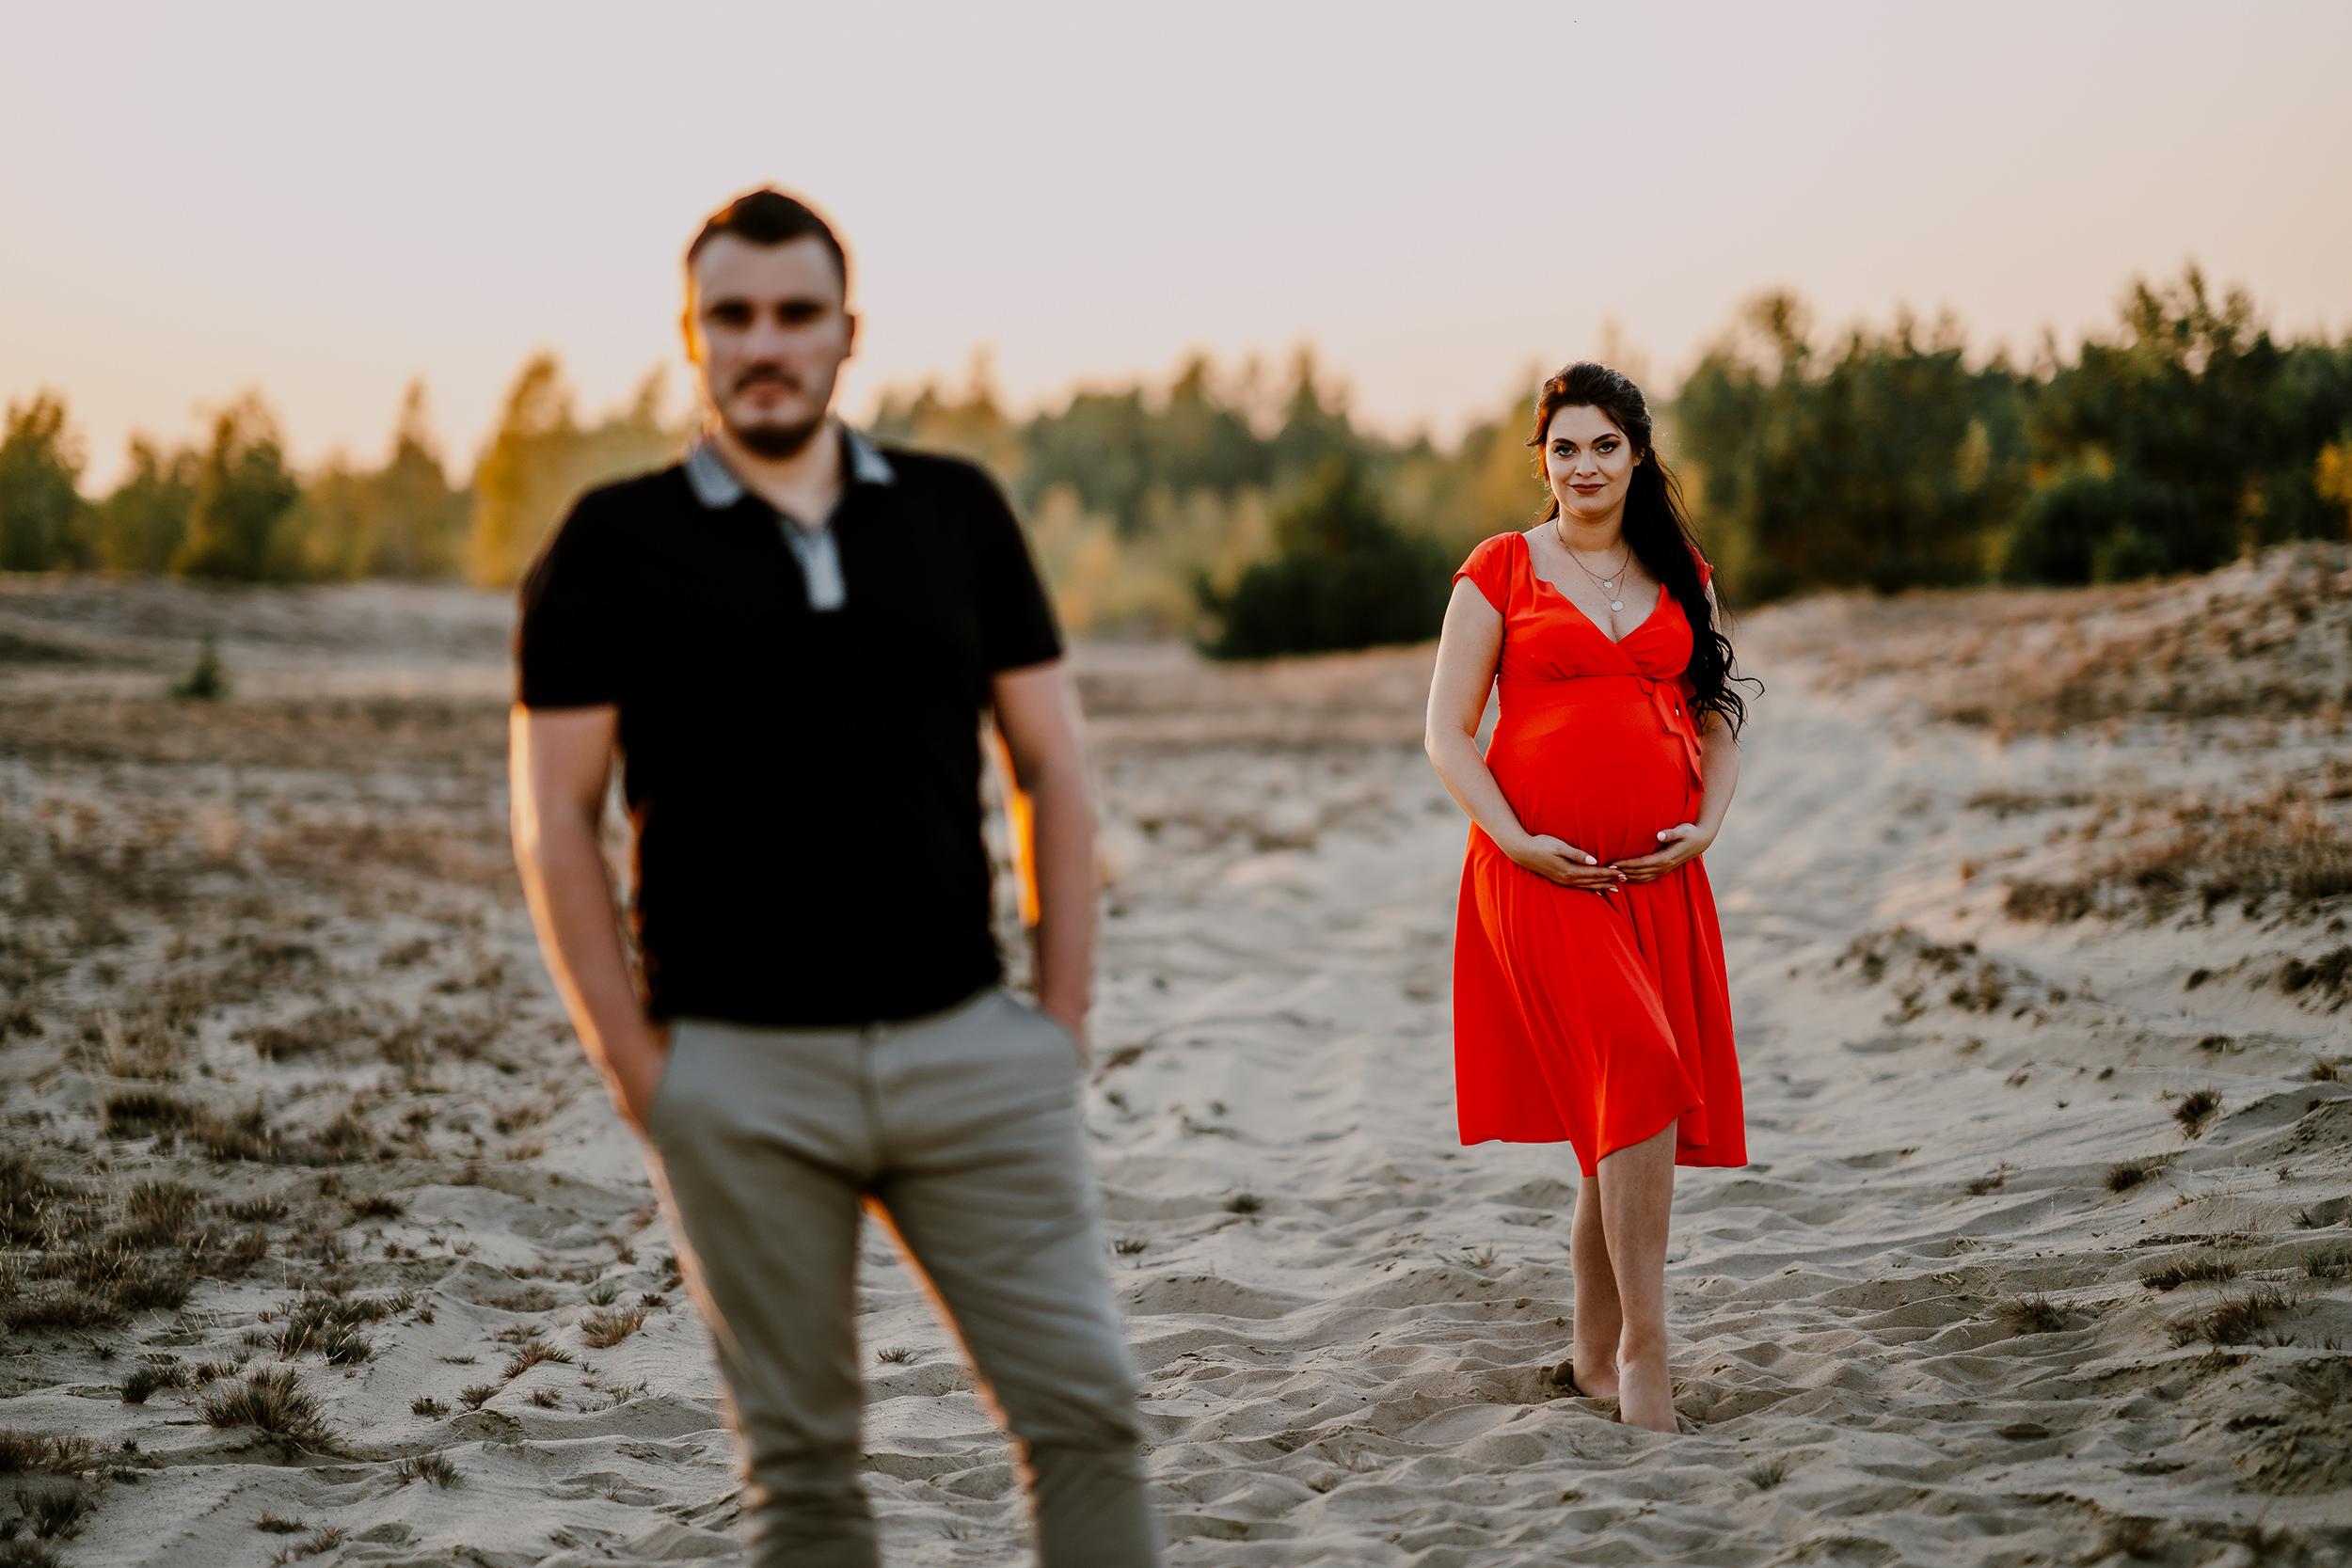 zdjęcia ciążowe, sesja rodzinna chojnice inowrocław.jpg